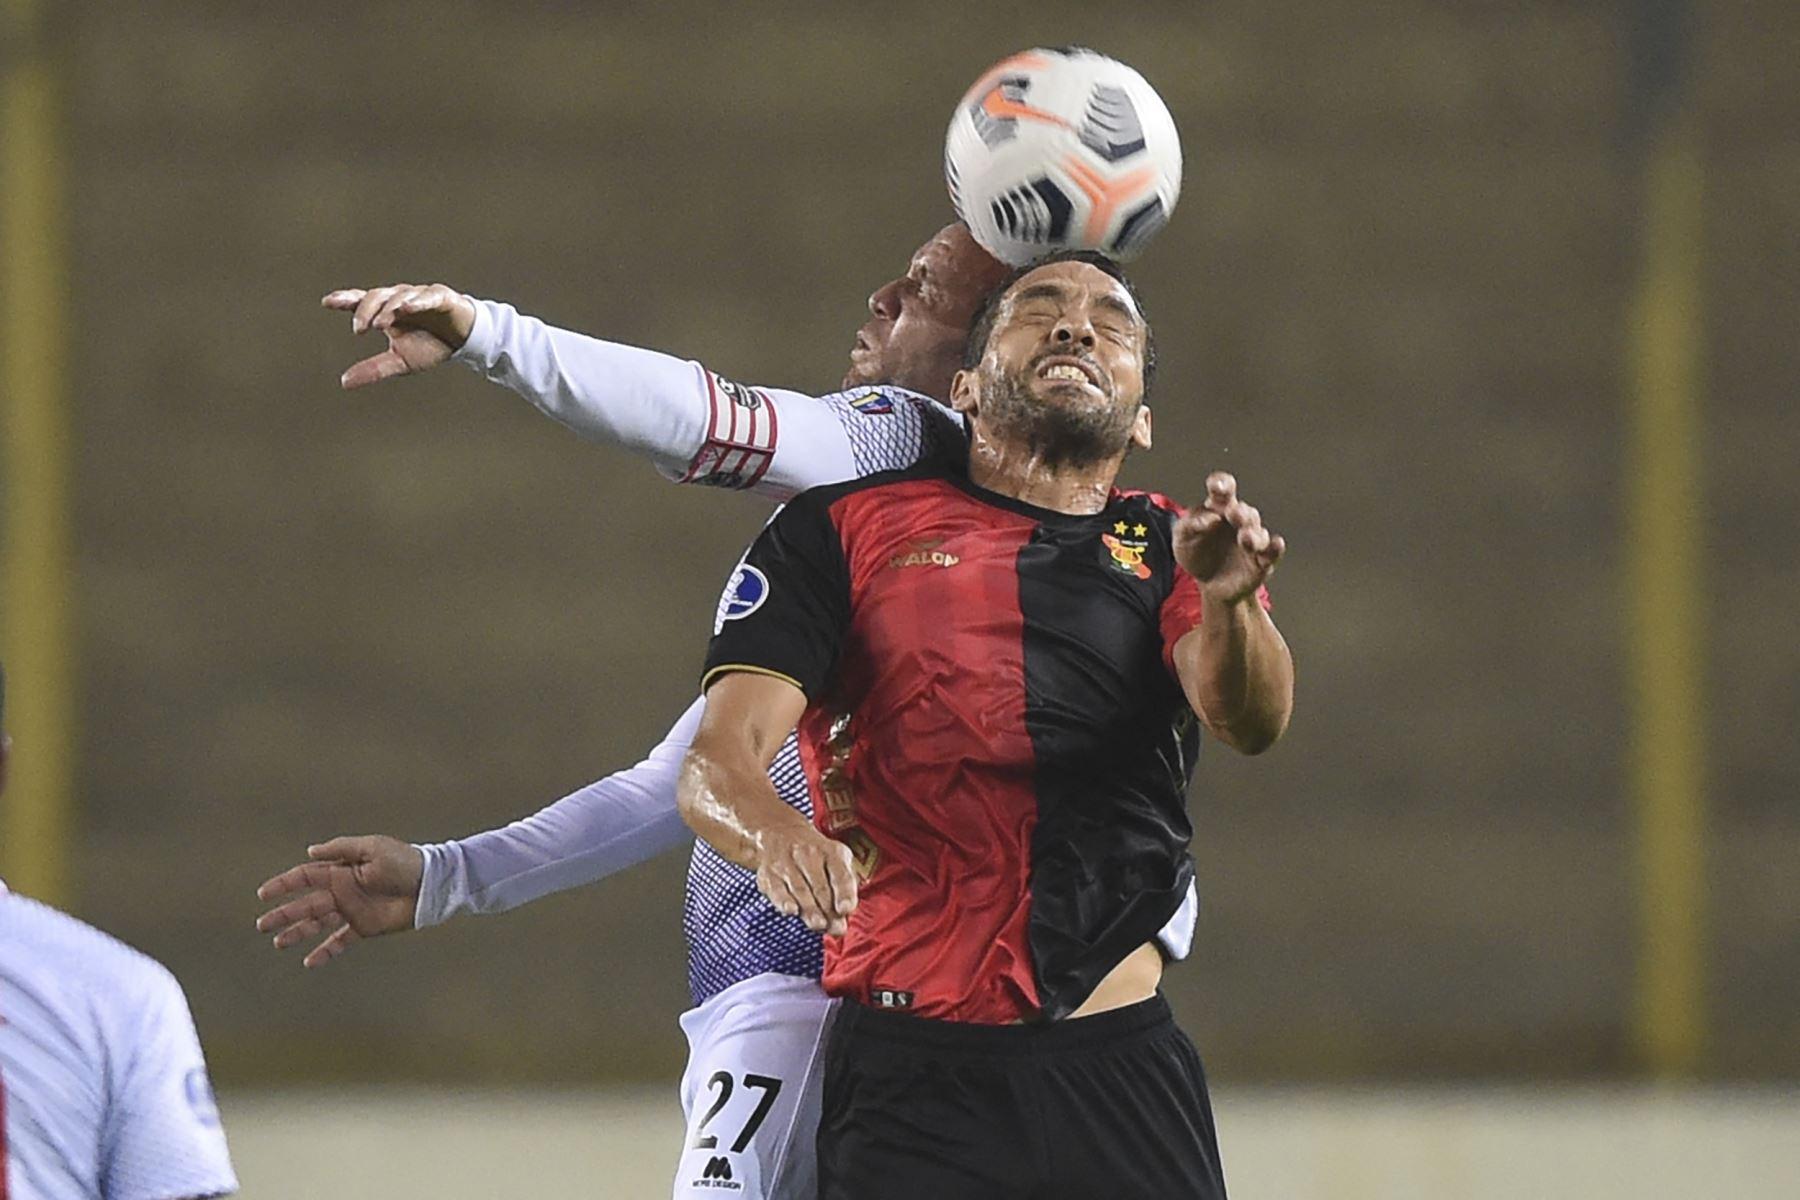 Antes de finalizar el medio tiempo, Melgar mantuvo en su campo a su rival para anotar, pero sus jugadores fallaron en la definición. Foto: AFP